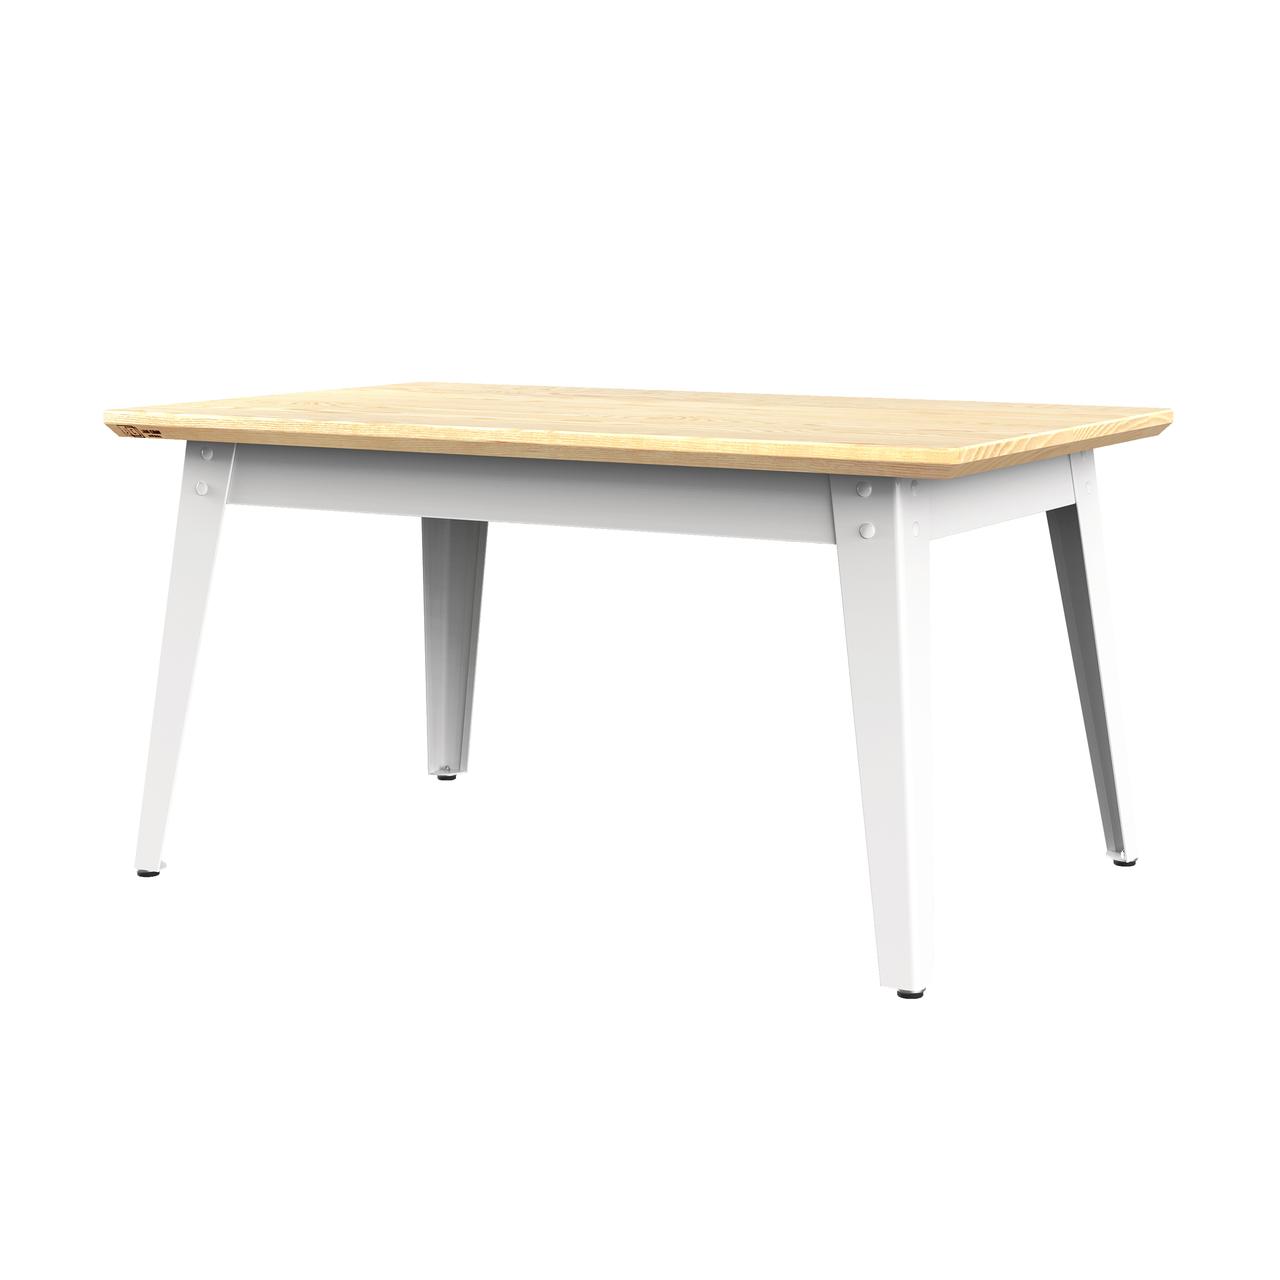 Jan Cray 6Grad Couchtisch Holz Weiss, Eschenholz geölt, B: 55 cm / L: 90 cm / H: 46 cm